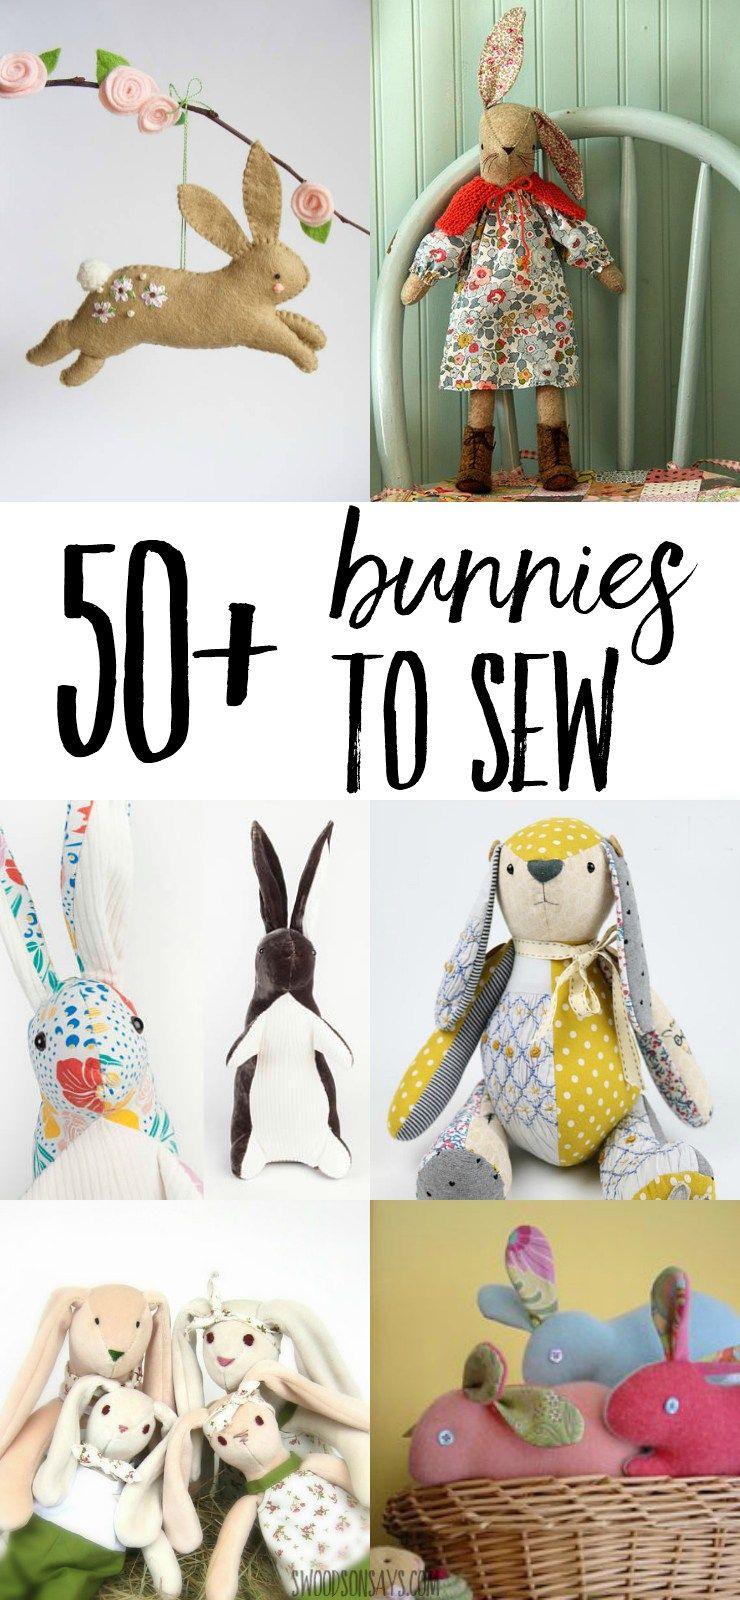 50+ Stuffed Bunny Sewing Patterns